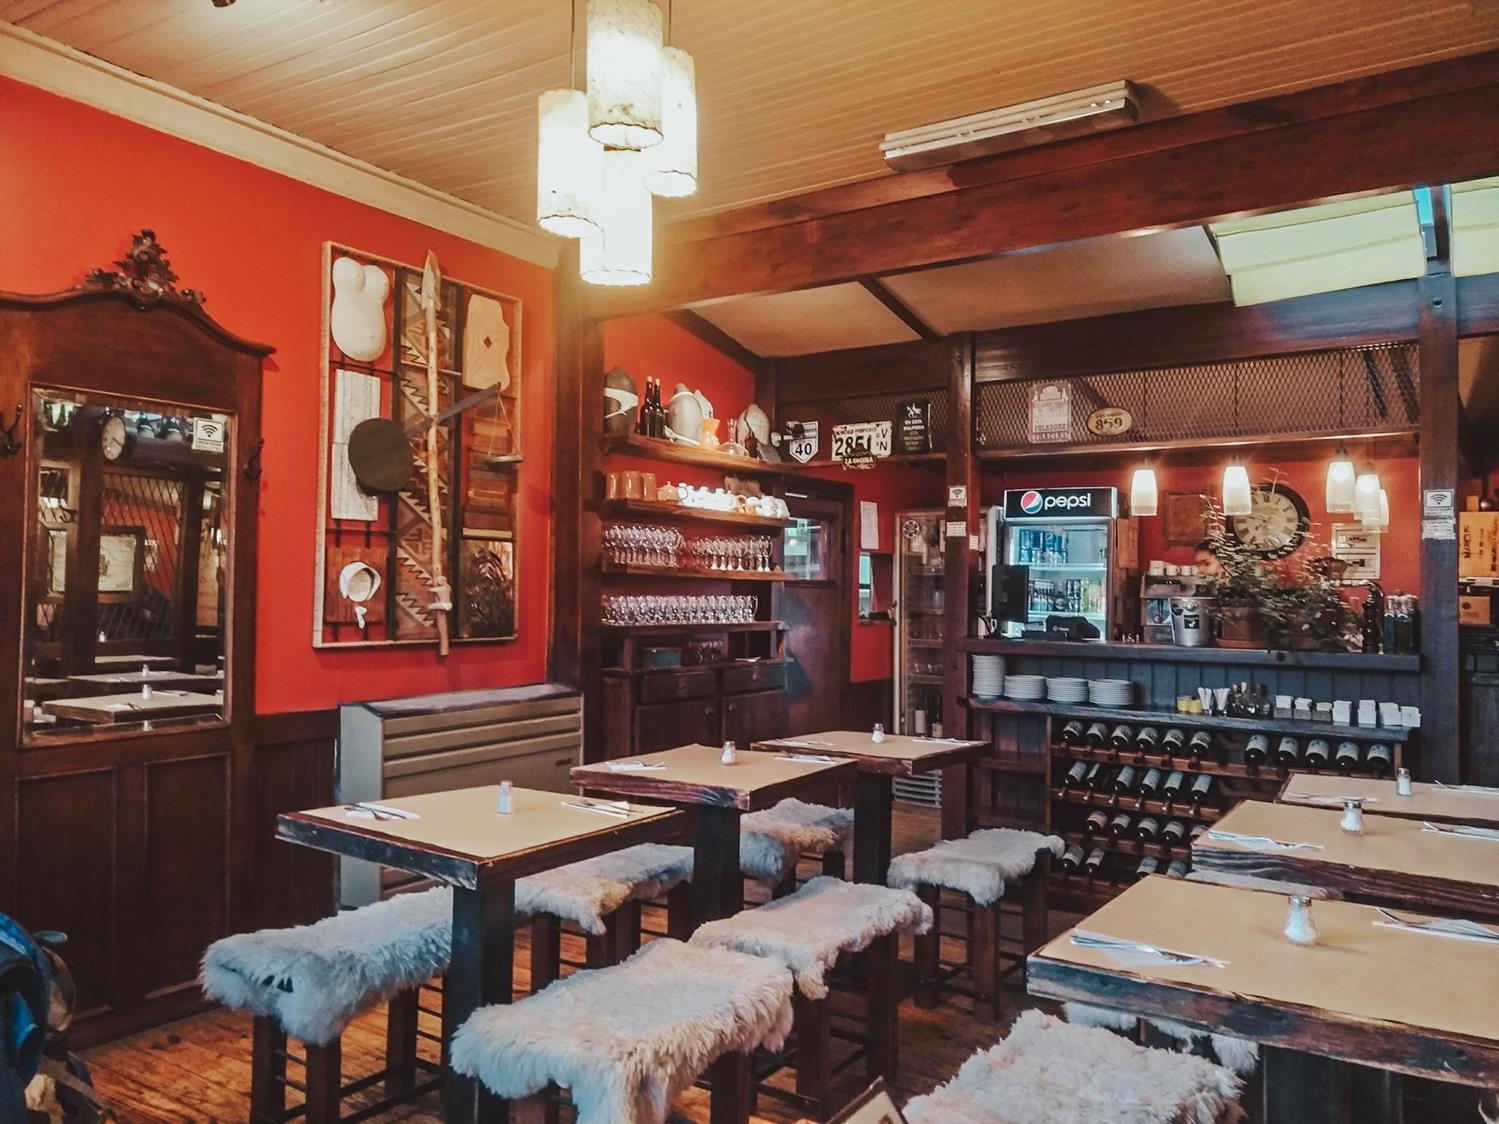 Dicas de restaurantes em Ushuaia